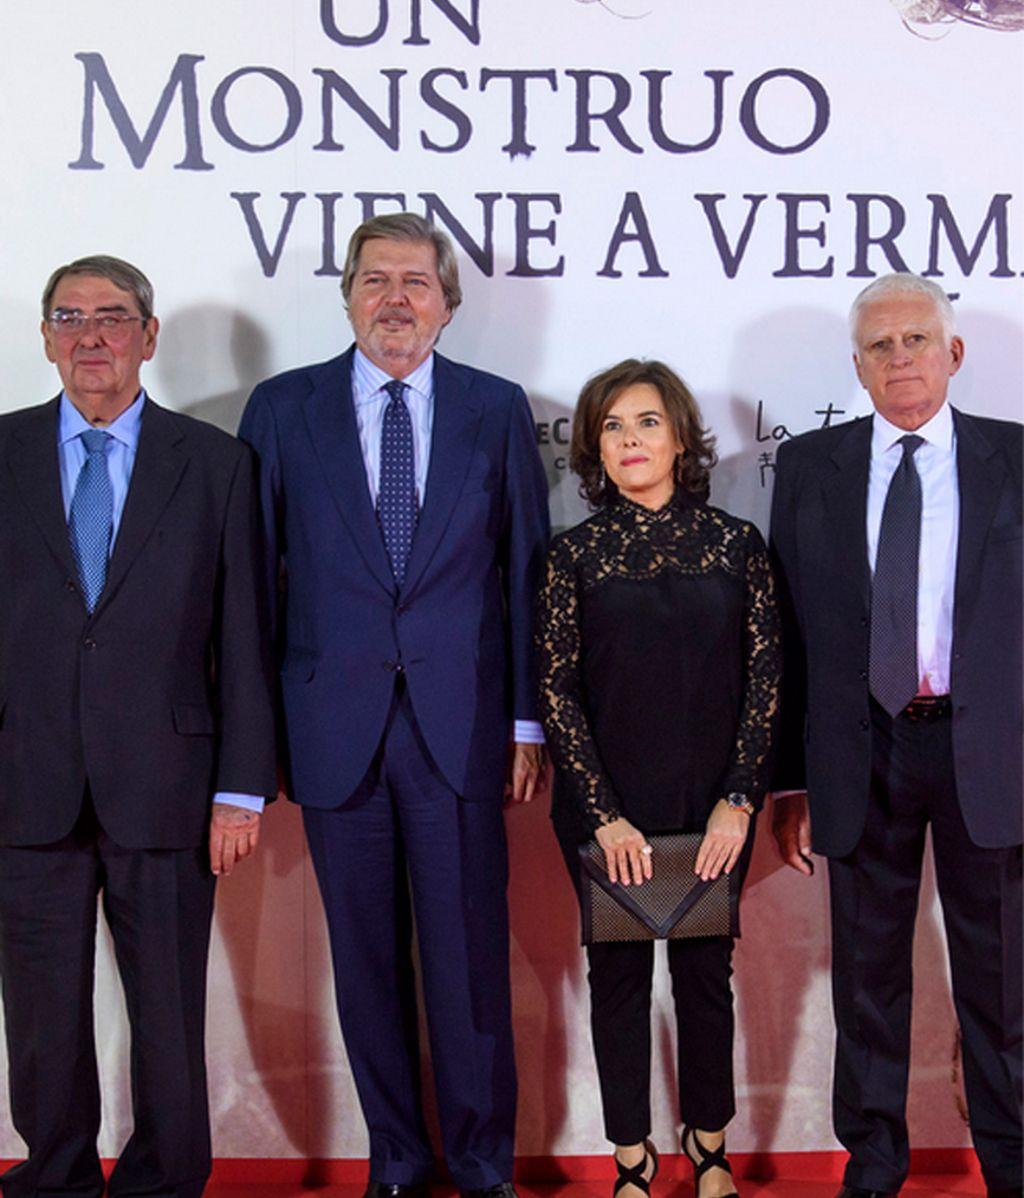 De izquierda a derecha, el presidente de Mediaset España, Alejandro Echevarría; el ministro de Cultura, Íñigo Méndez de Vigo; la vicepresidenta del Gobierno, Soraya Sáenz de Santamaría, y el consejero delegado de Mediaset España, Paolo Vasile